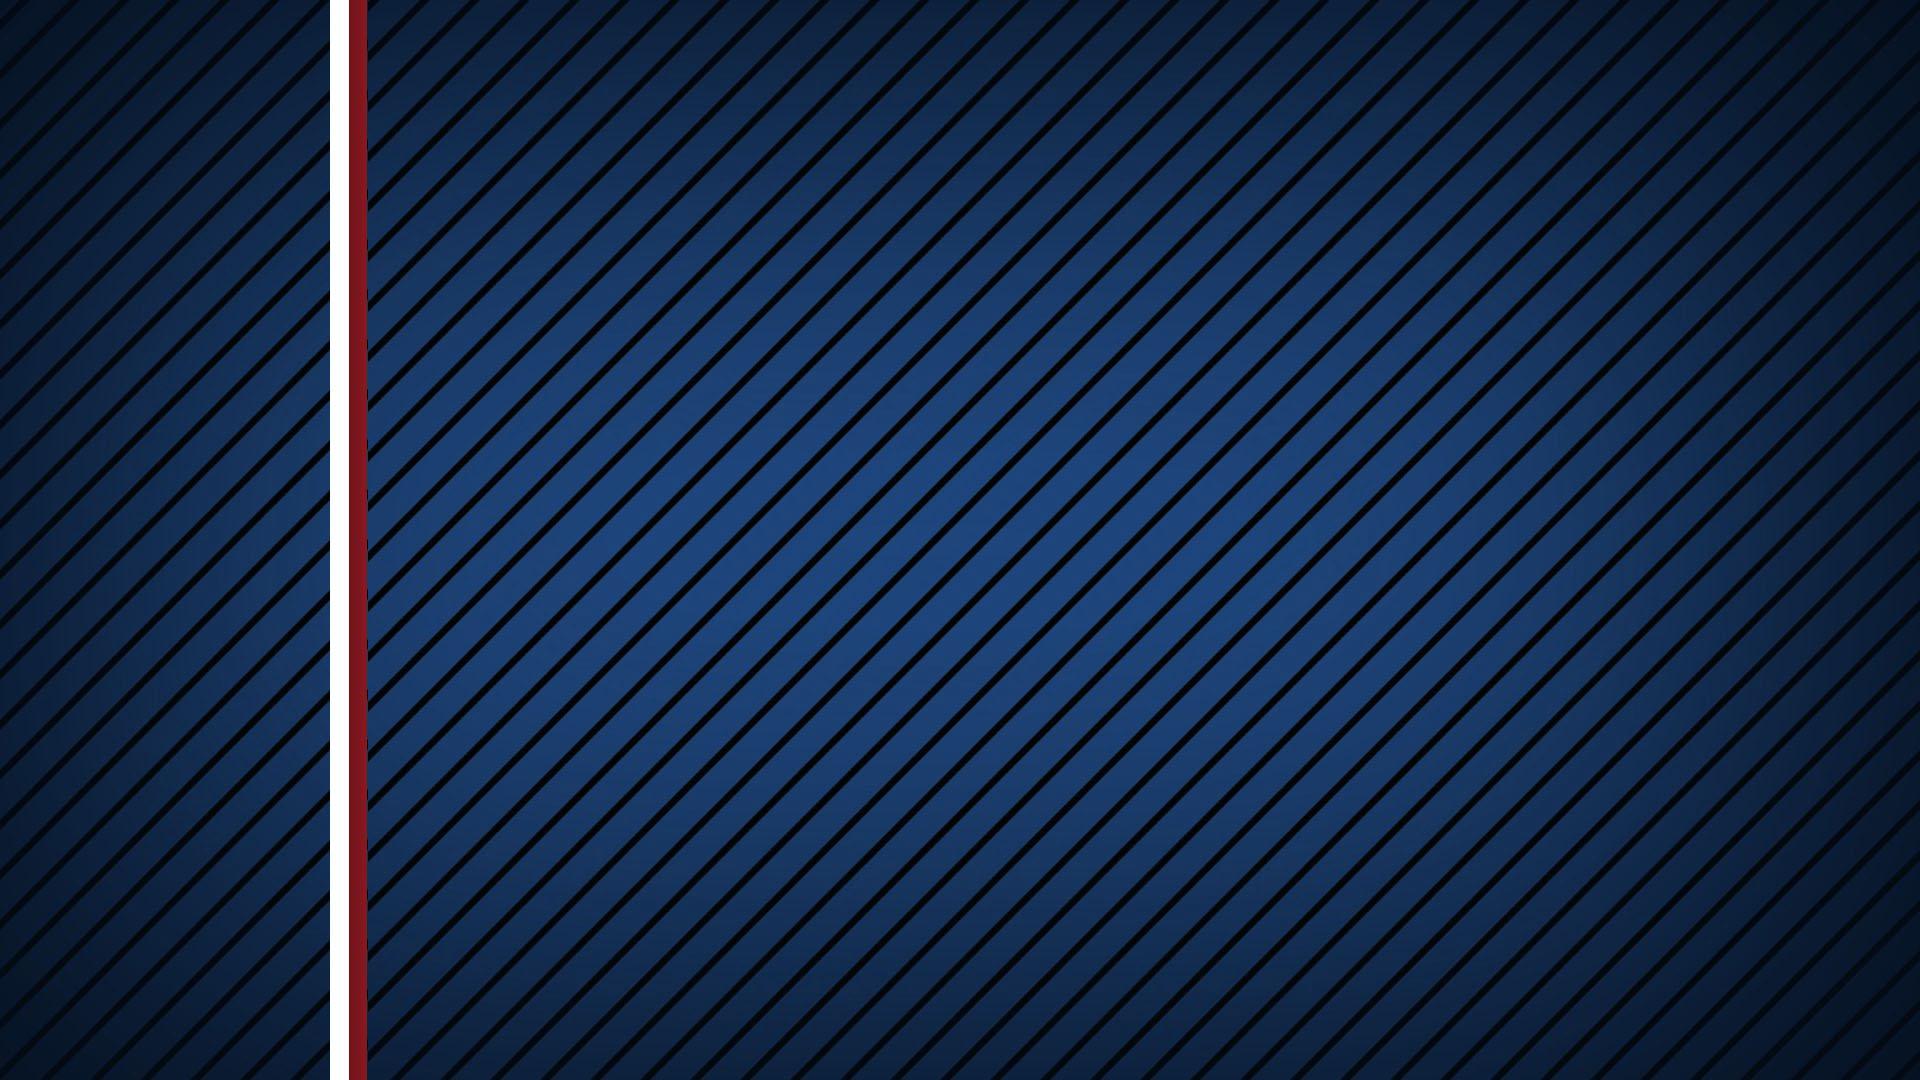 PSG Wallpaper HD - WallpaperSafari